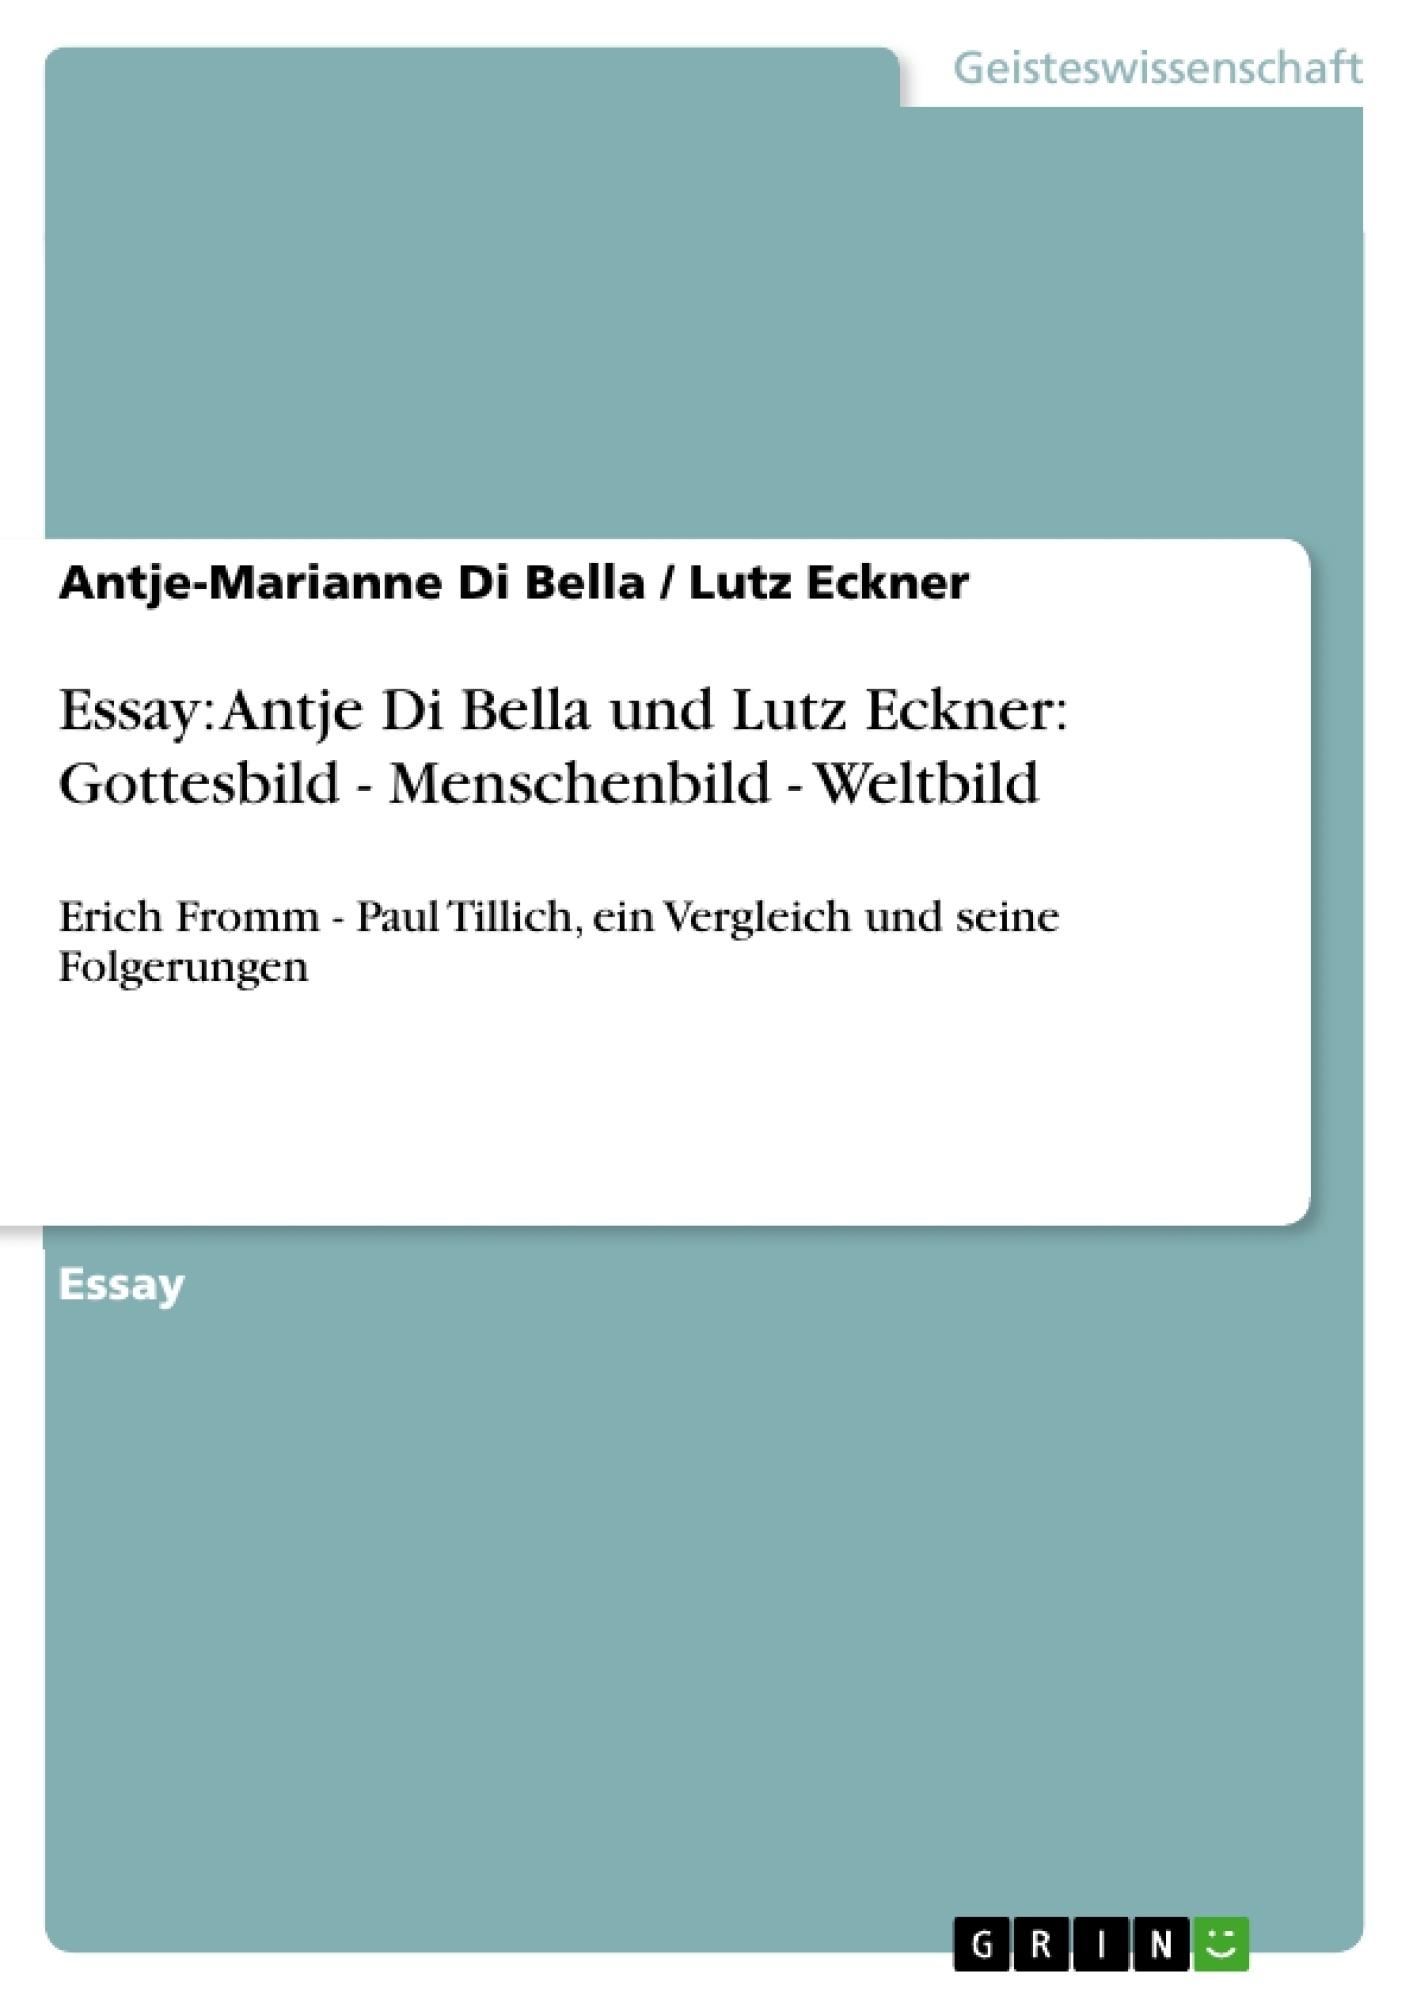 Titel: Essay: Antje Di Bella und Lutz Eckner: Gottesbild - Menschenbild - Weltbild